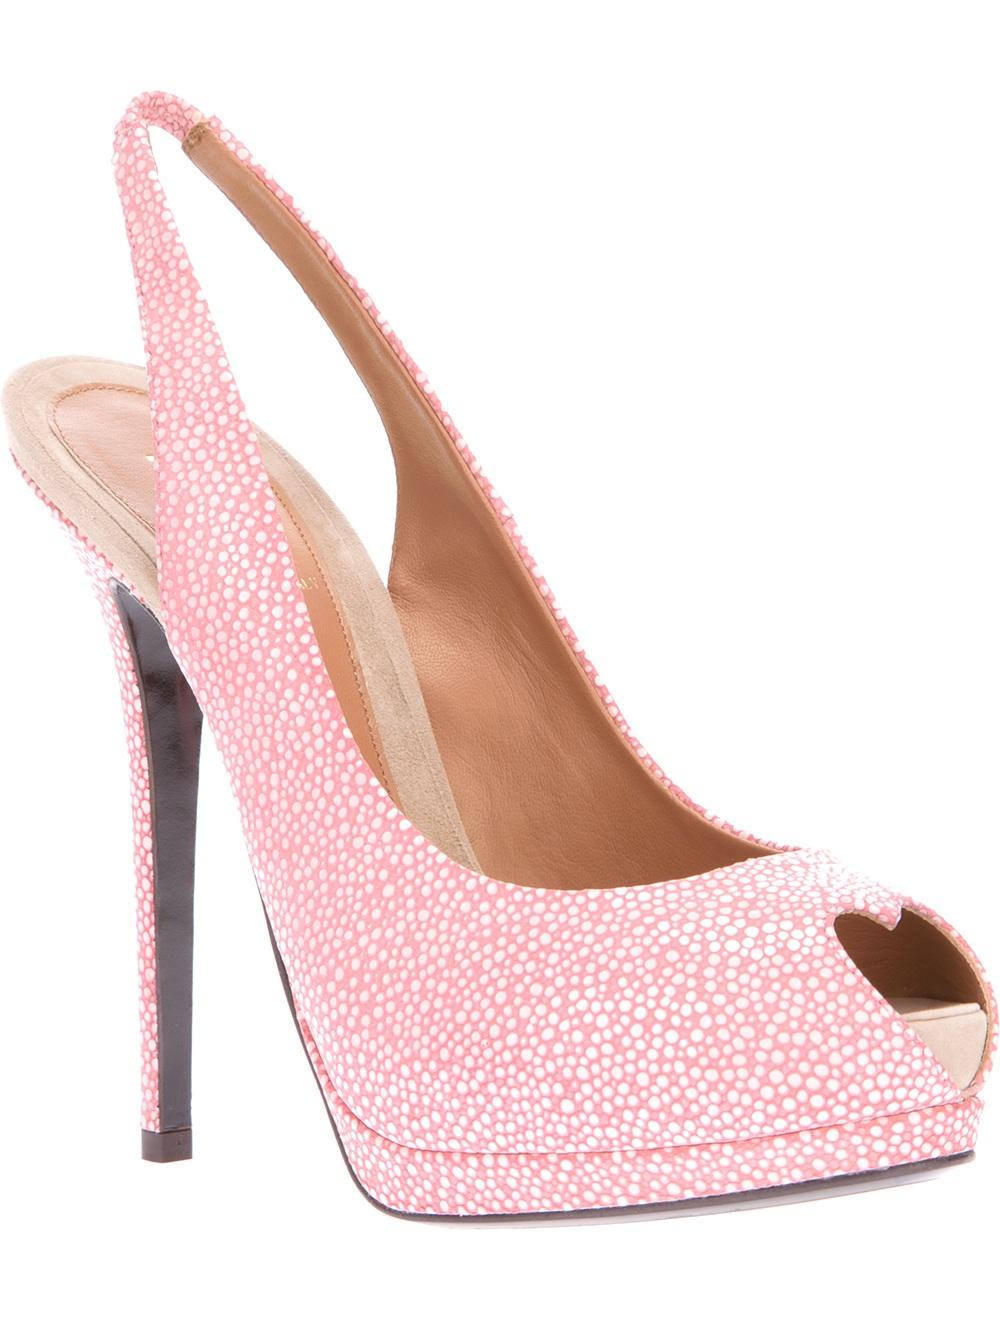 Open Toe Pink Heels